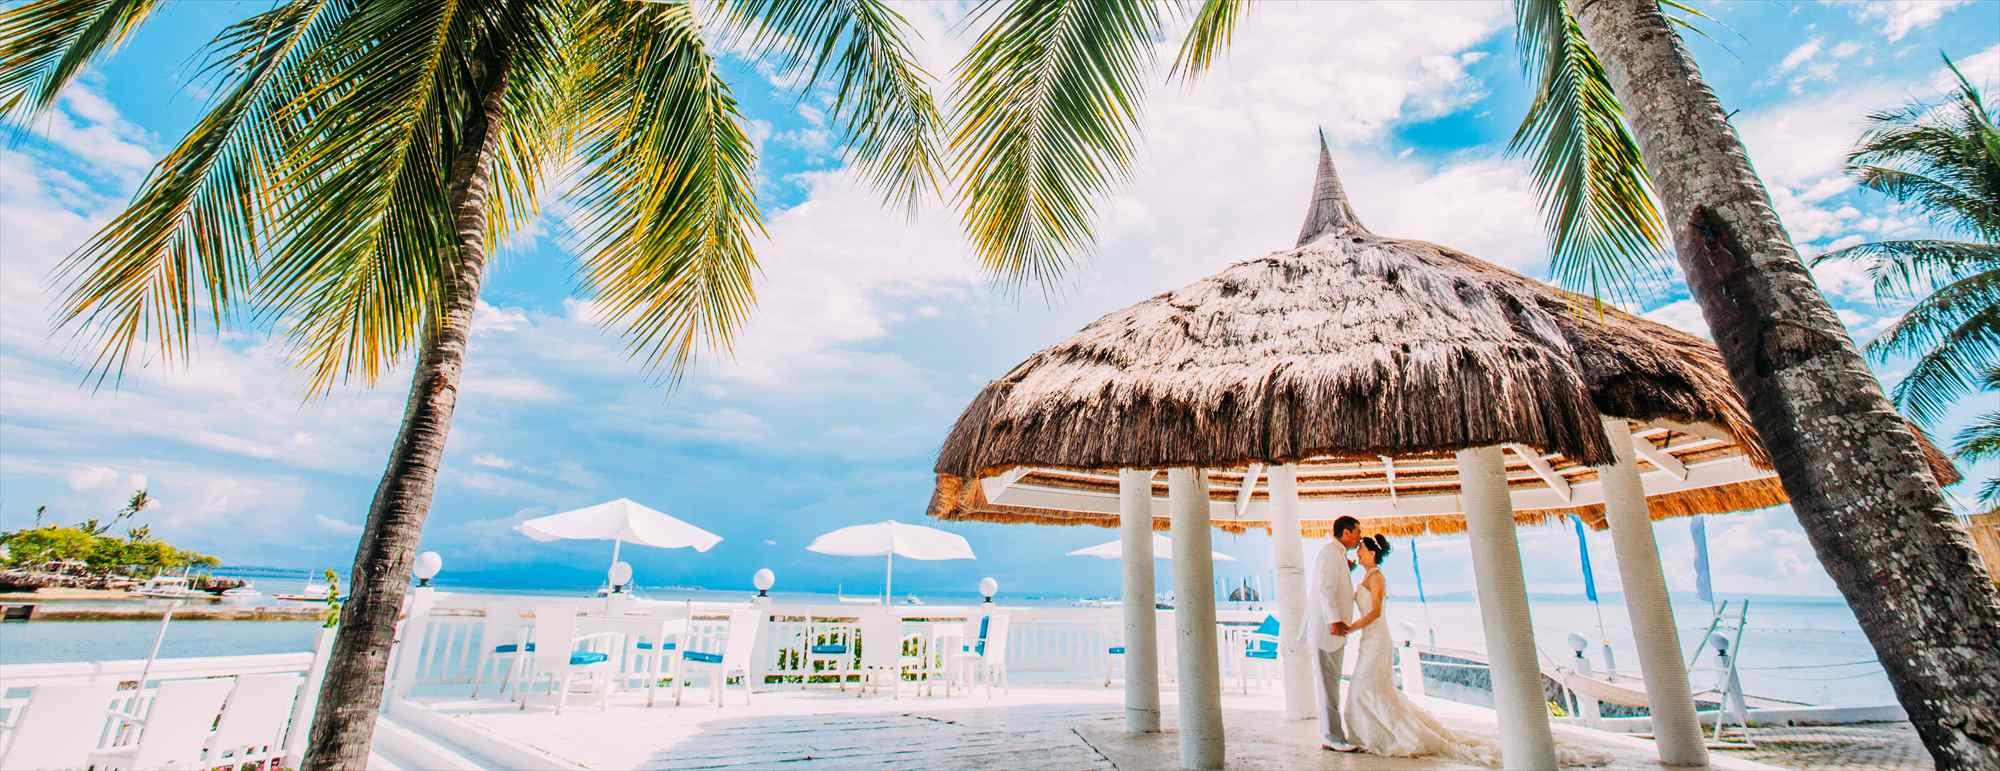 セブ島ビーチ・ガゼボ・ウェディング・フォトPacific Cebu Resort Beach Gazebo Wedding Photo~パシフィック・セブ・リゾート・ビーチ挙式